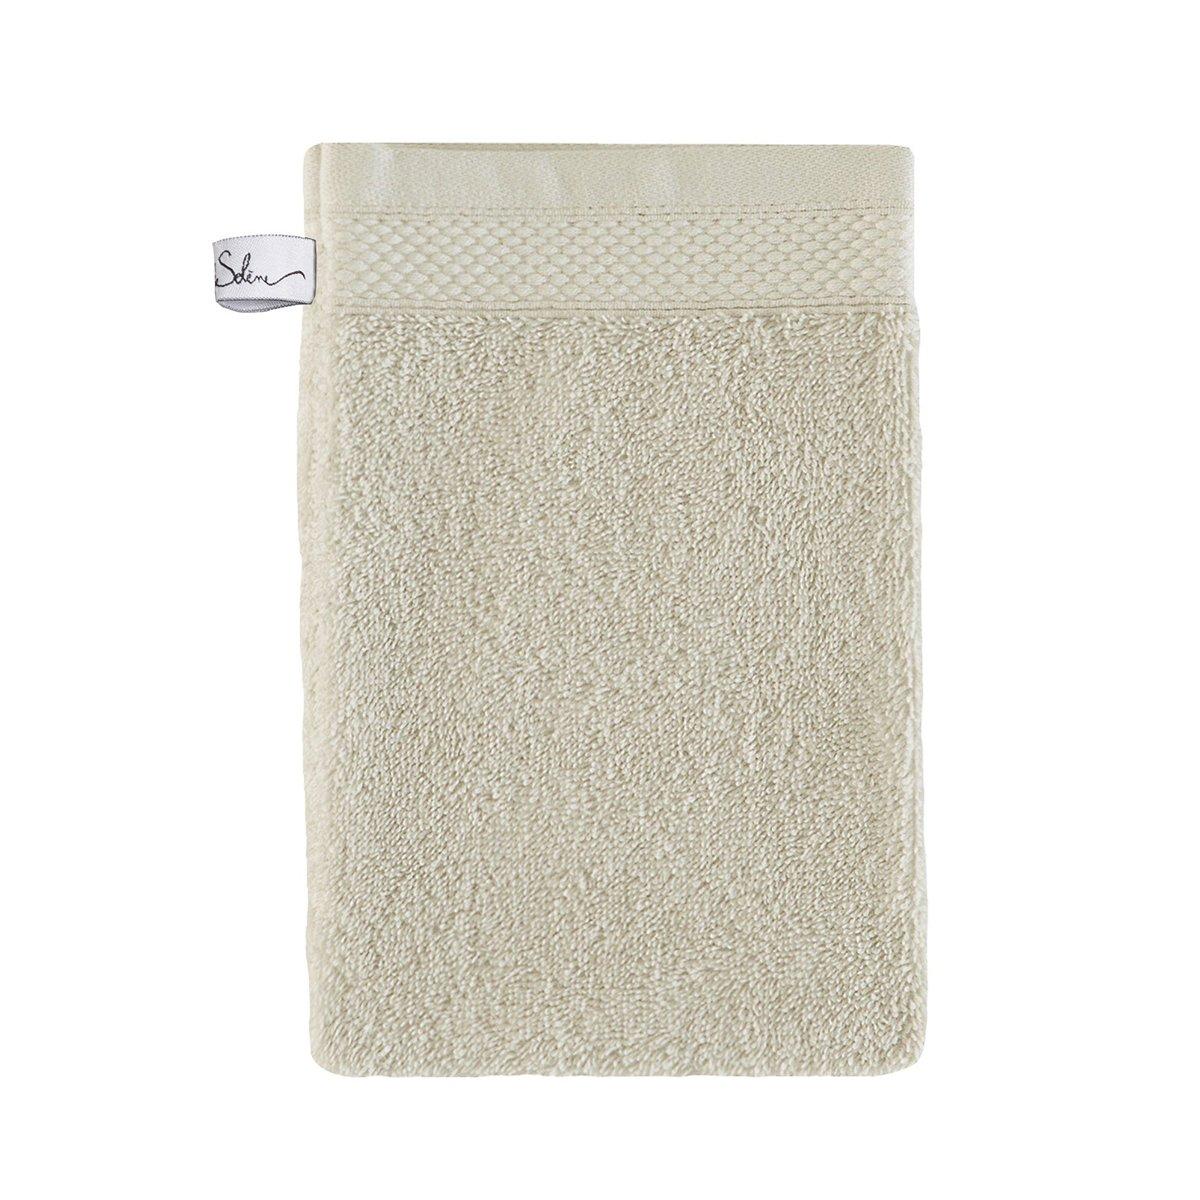 Gant de toilette coton 16x22 cm agave